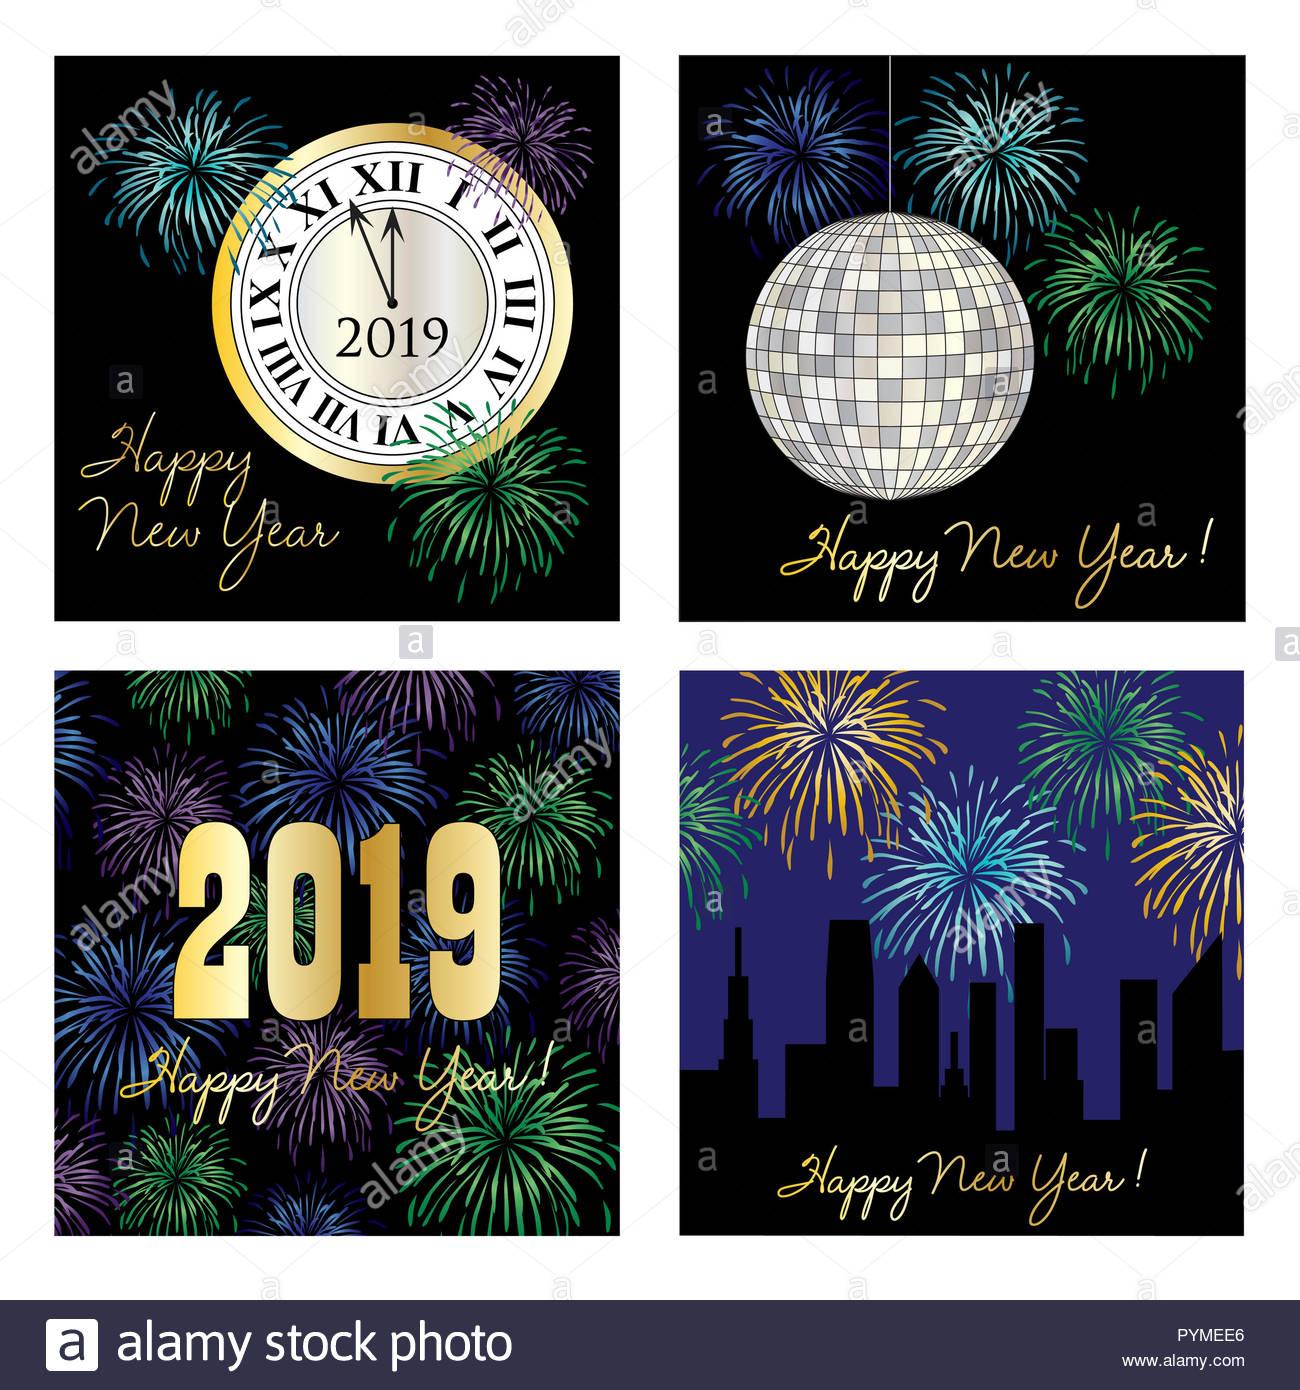 Nochevieja 2019 square gráficos vectoriales Imagen De Stock